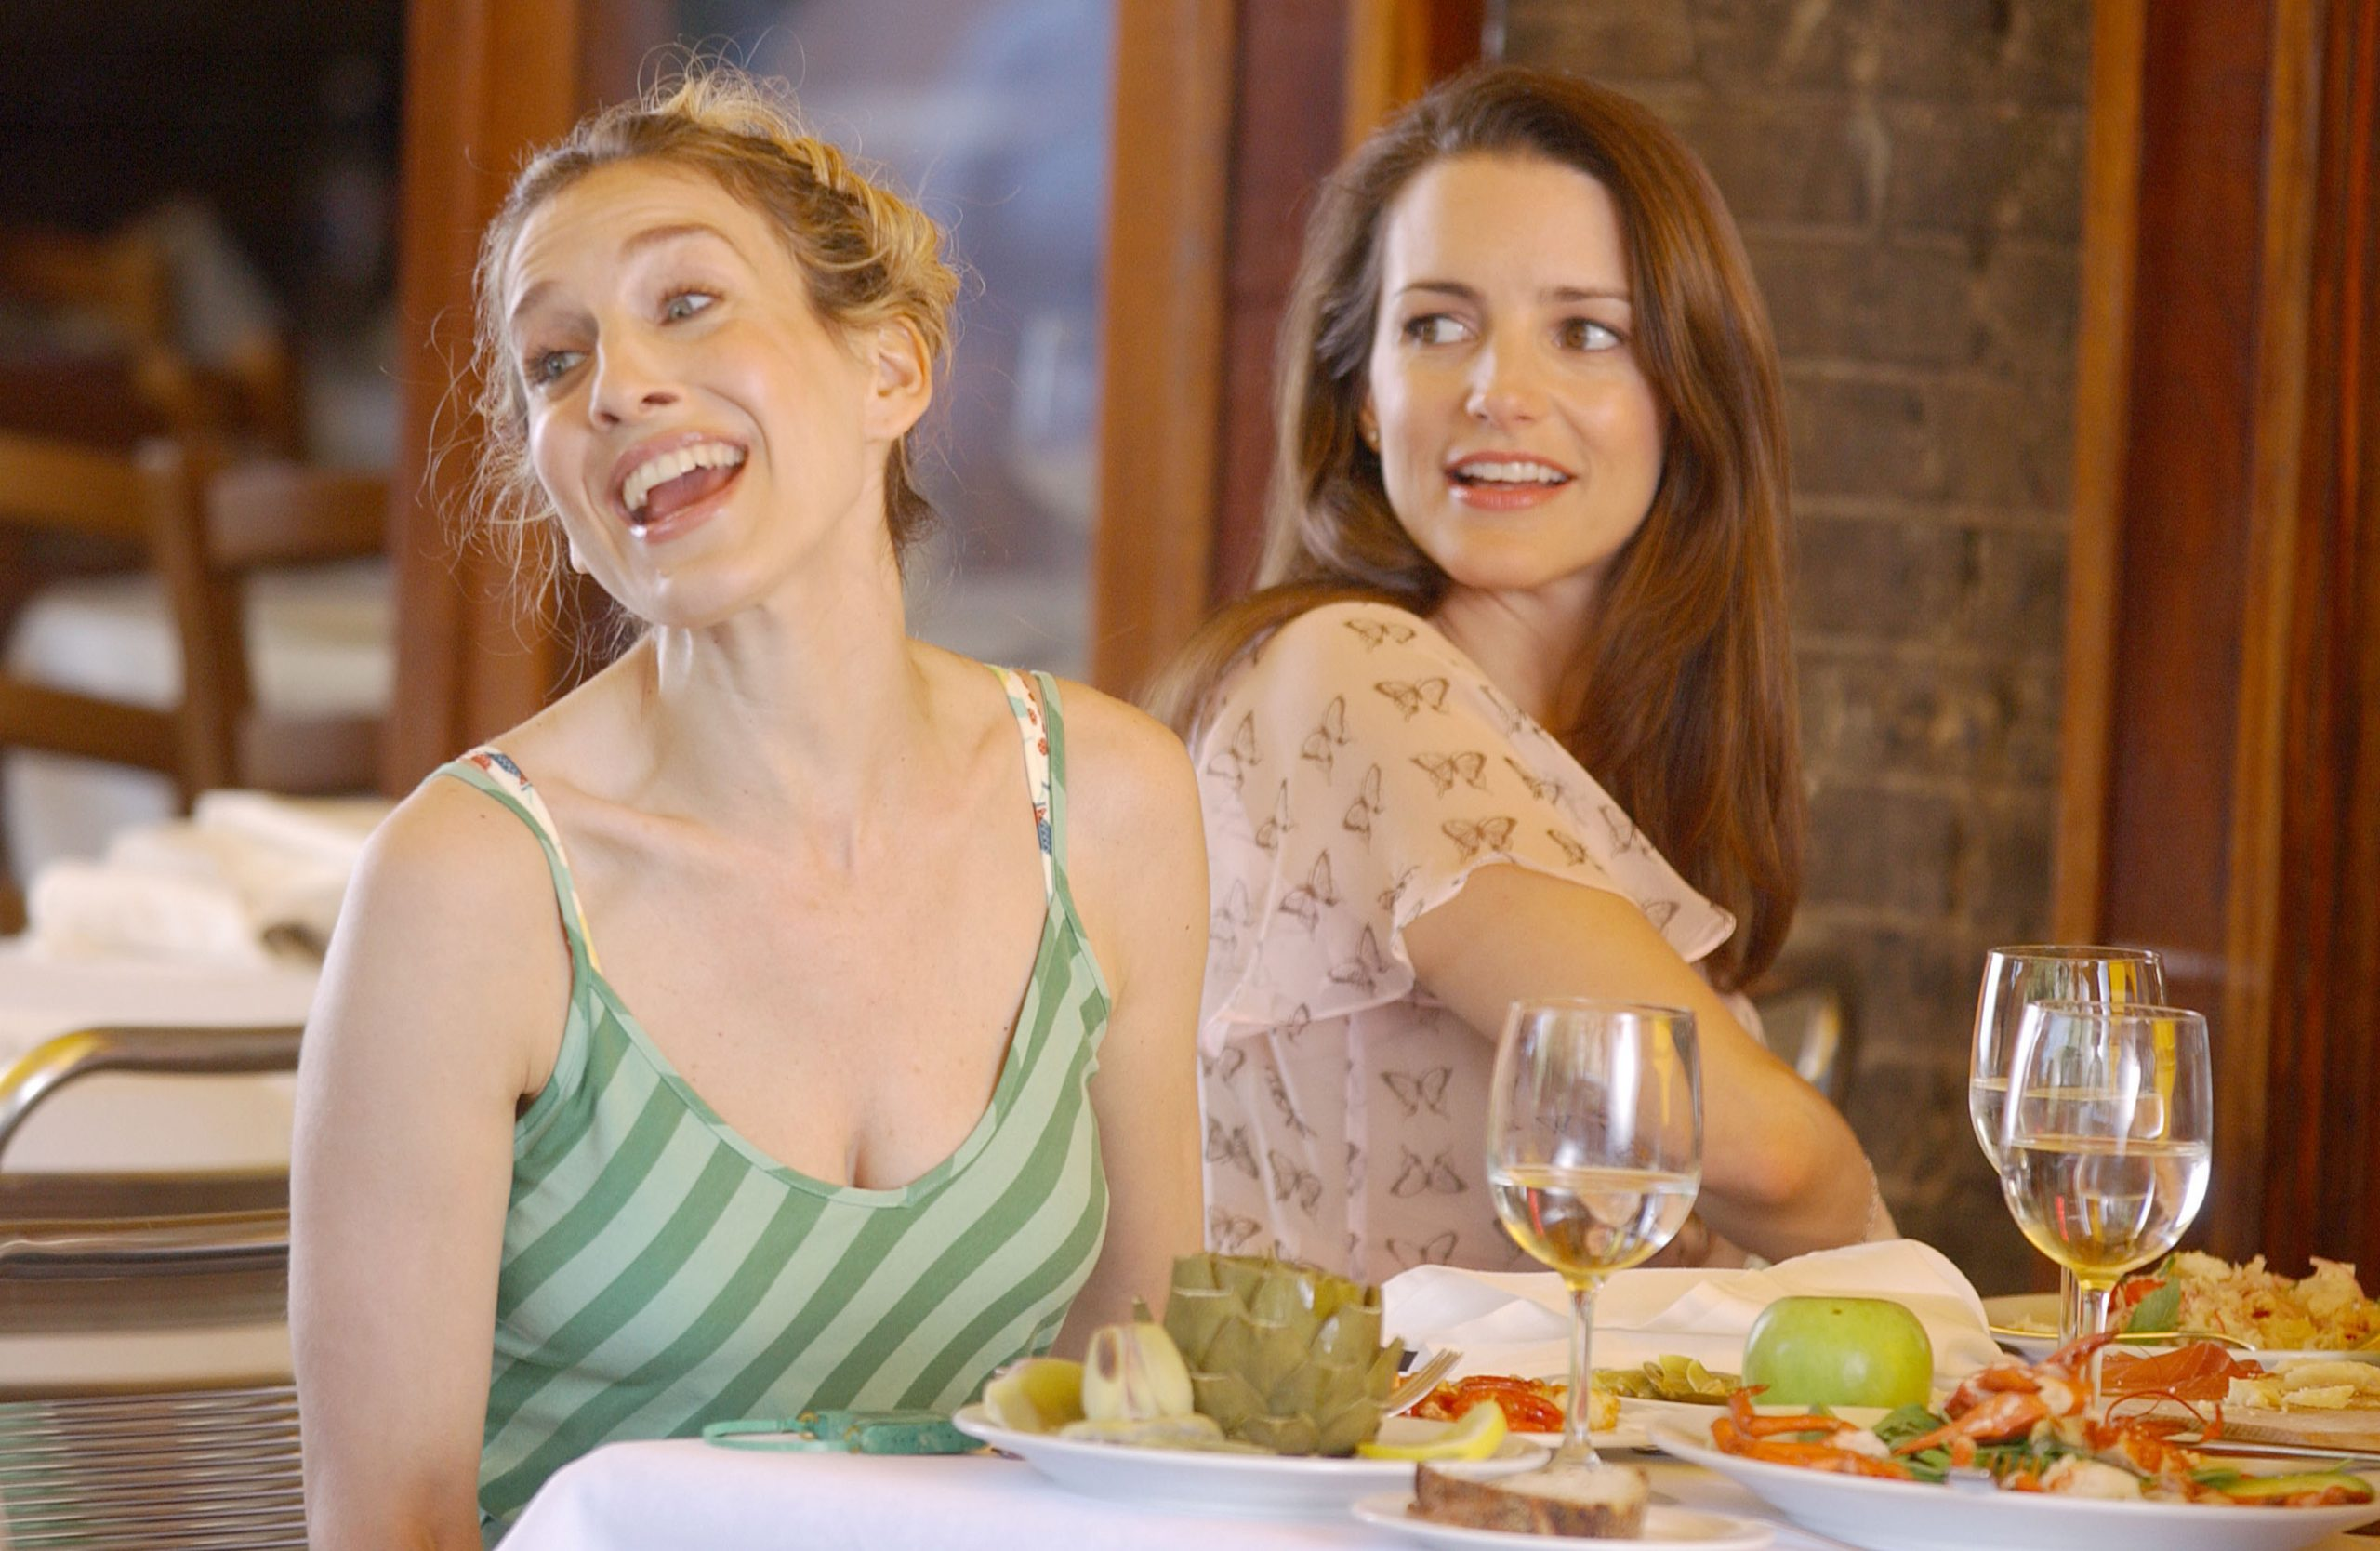 Sarah Jessica Parker and Kristin Davis